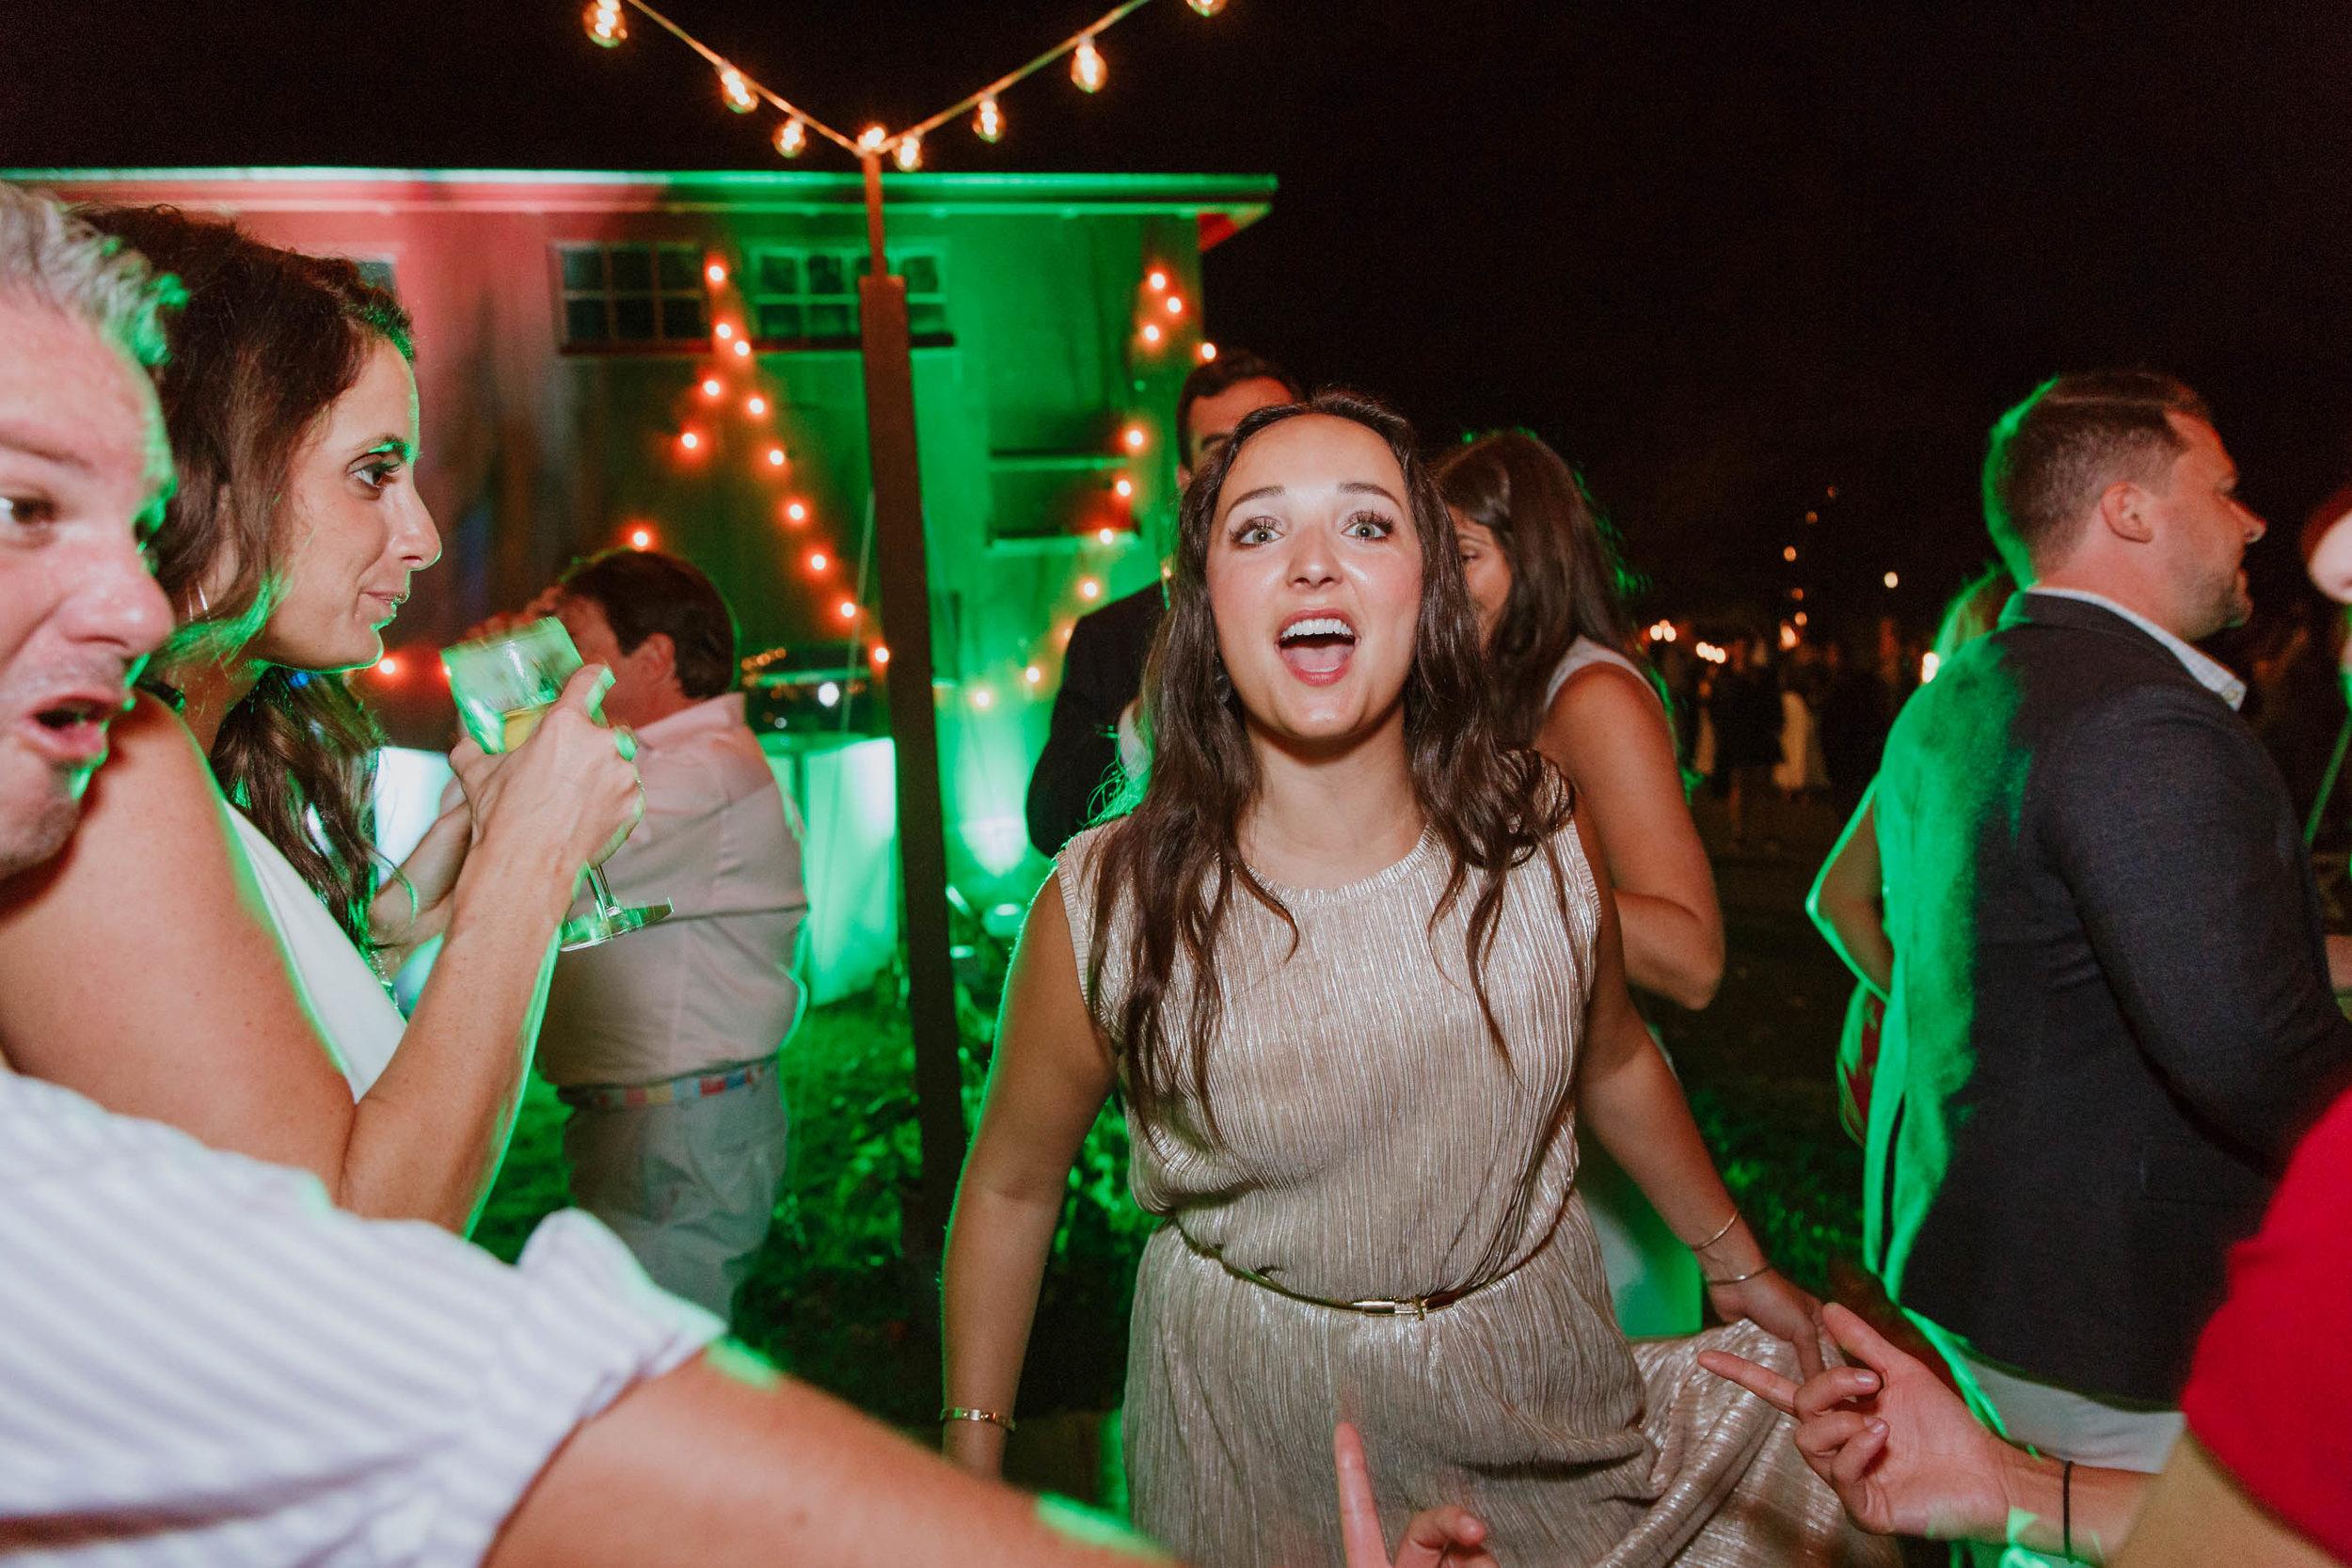 fairfield-county-connecticut-backyard-wedding-photographer--91.jpg